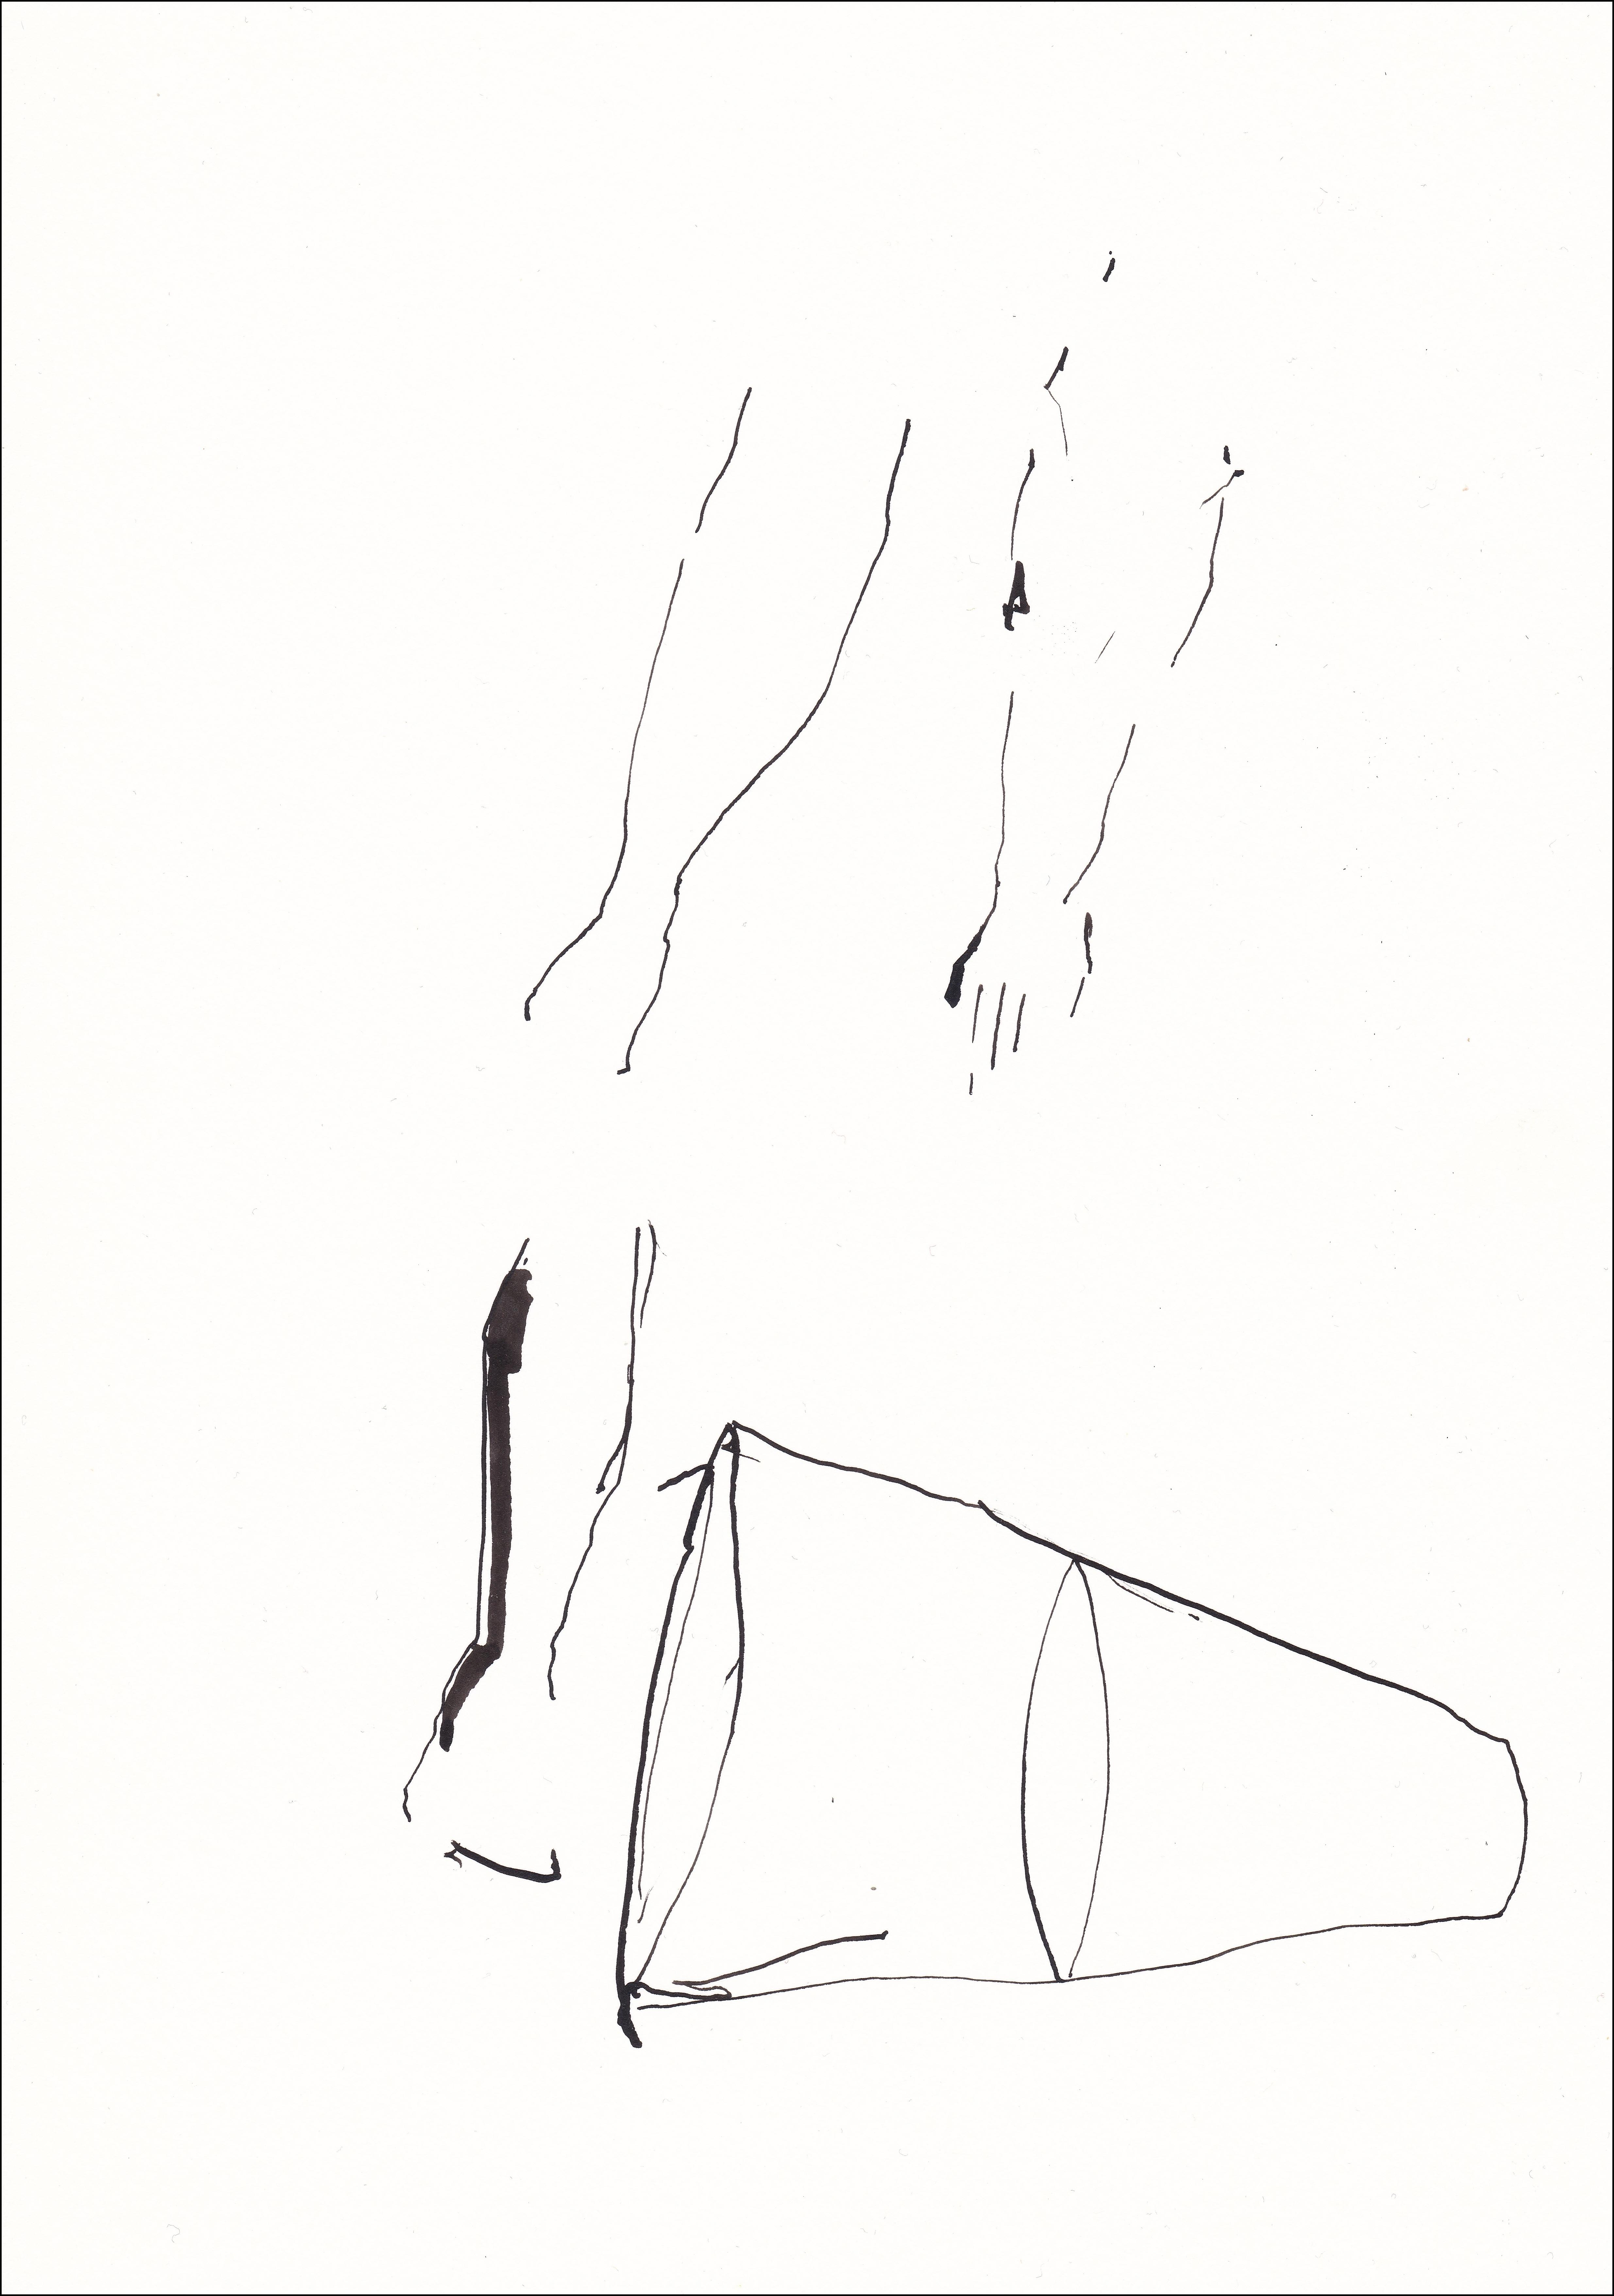 L CHAOUAT dessin 15 21x30 cm